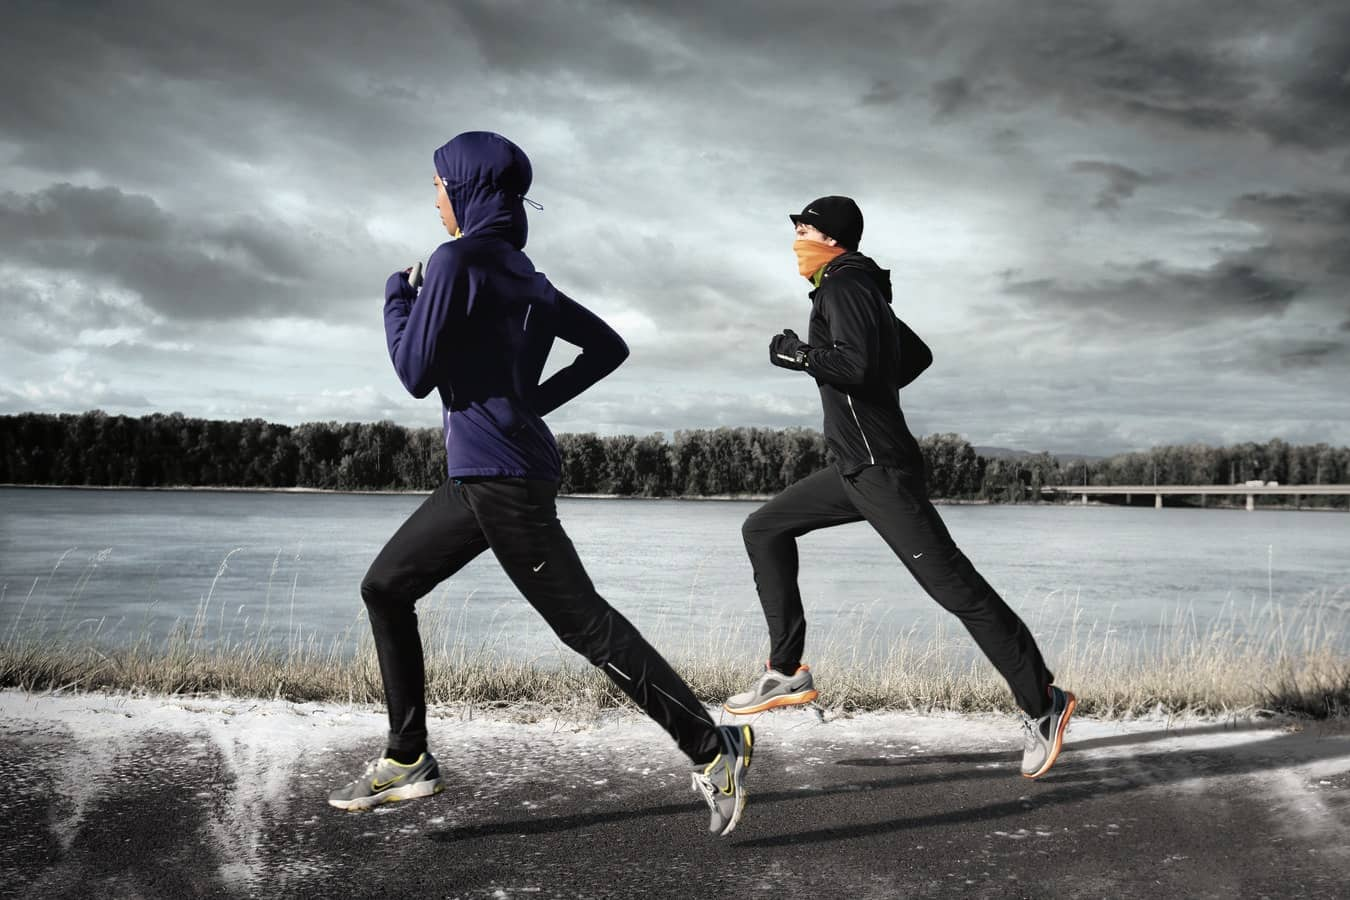 Mit der richtigen Ausrüstung der Kälte davonlaufen